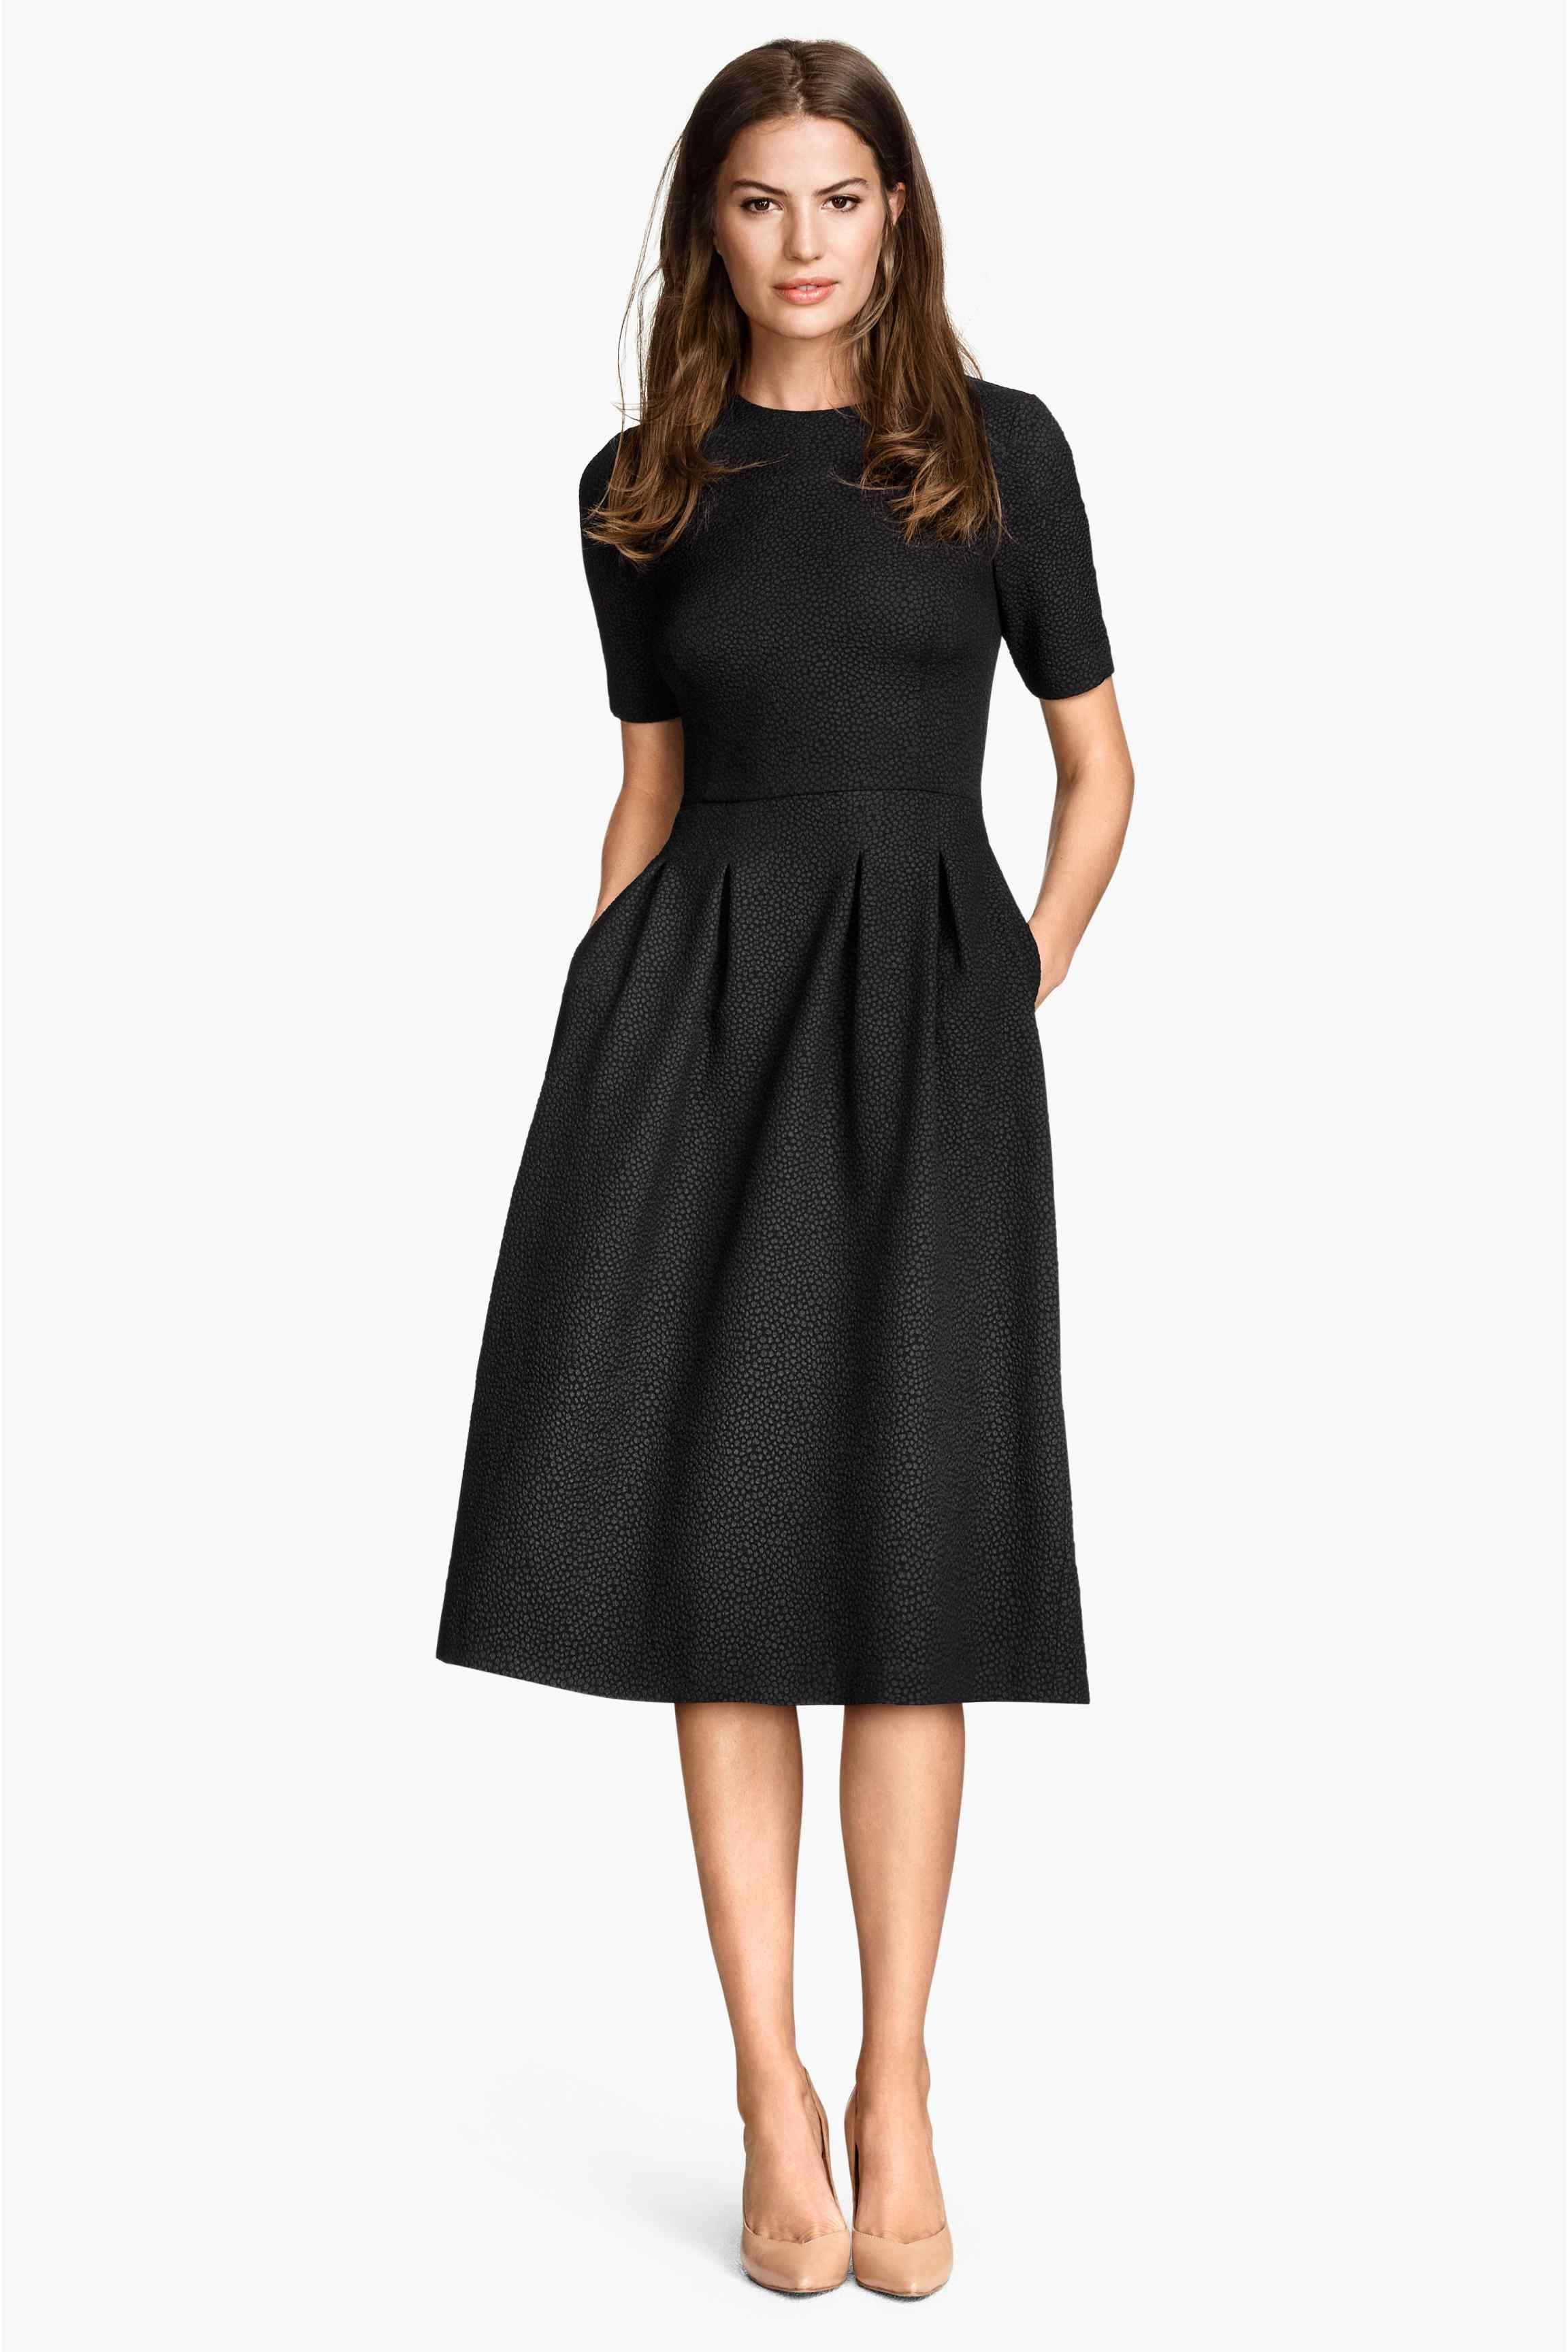 vestido hm - Hm Model Bewerben